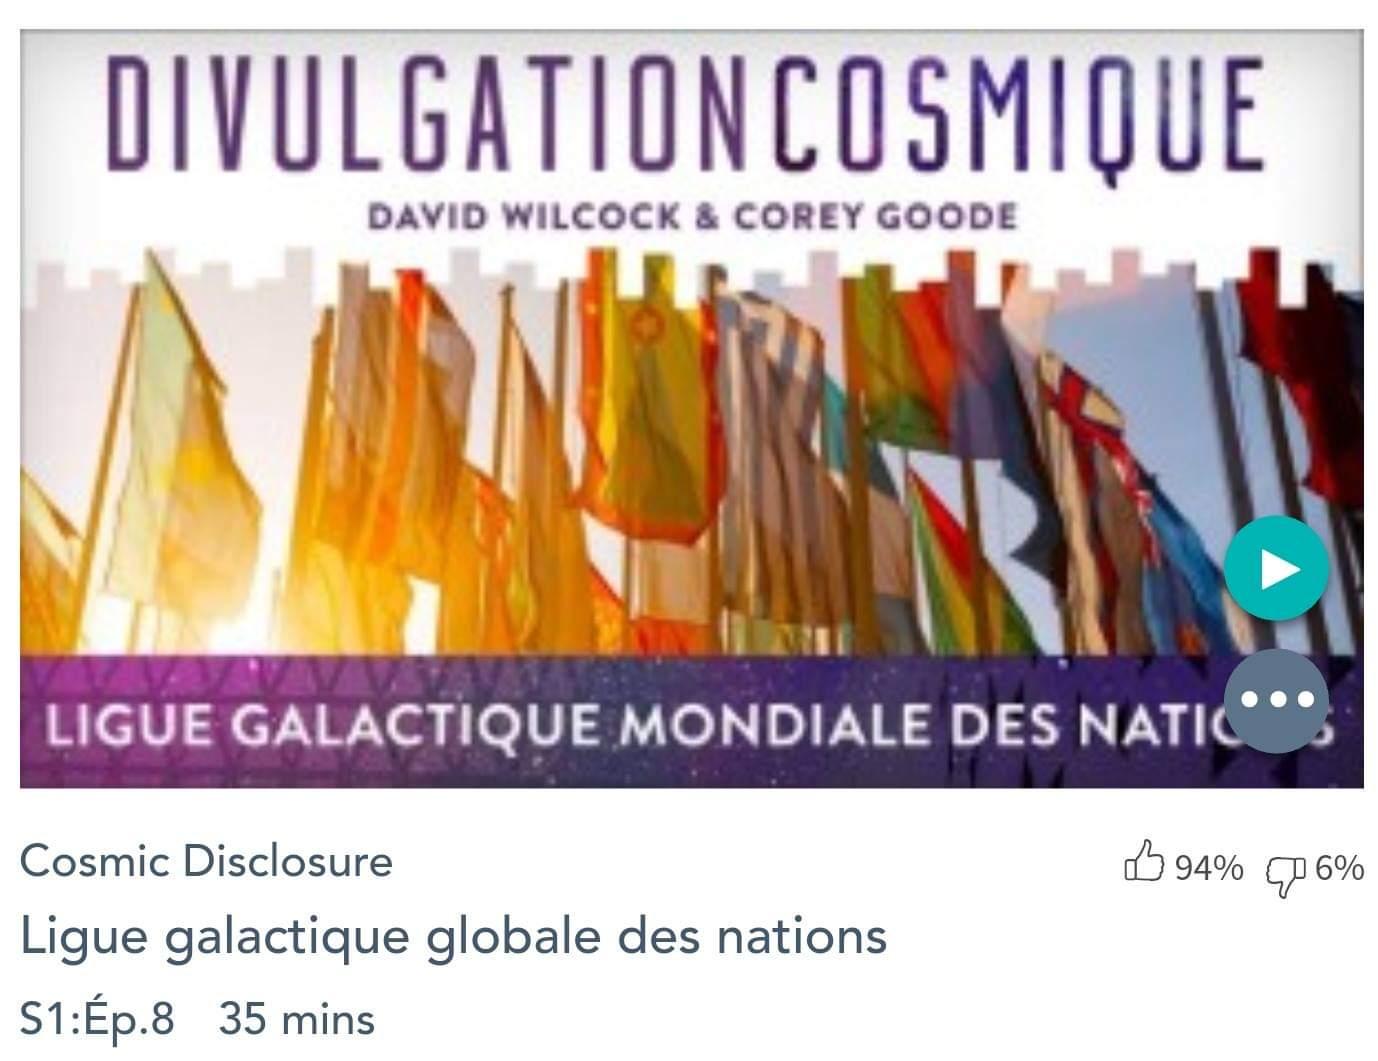 Émission « DIVULGATION COSMIQUE», l'intégrale. Saison 1, épisode 8/14 : LA LIGUE GALACTIQUE MONDIALE DES NATIONS